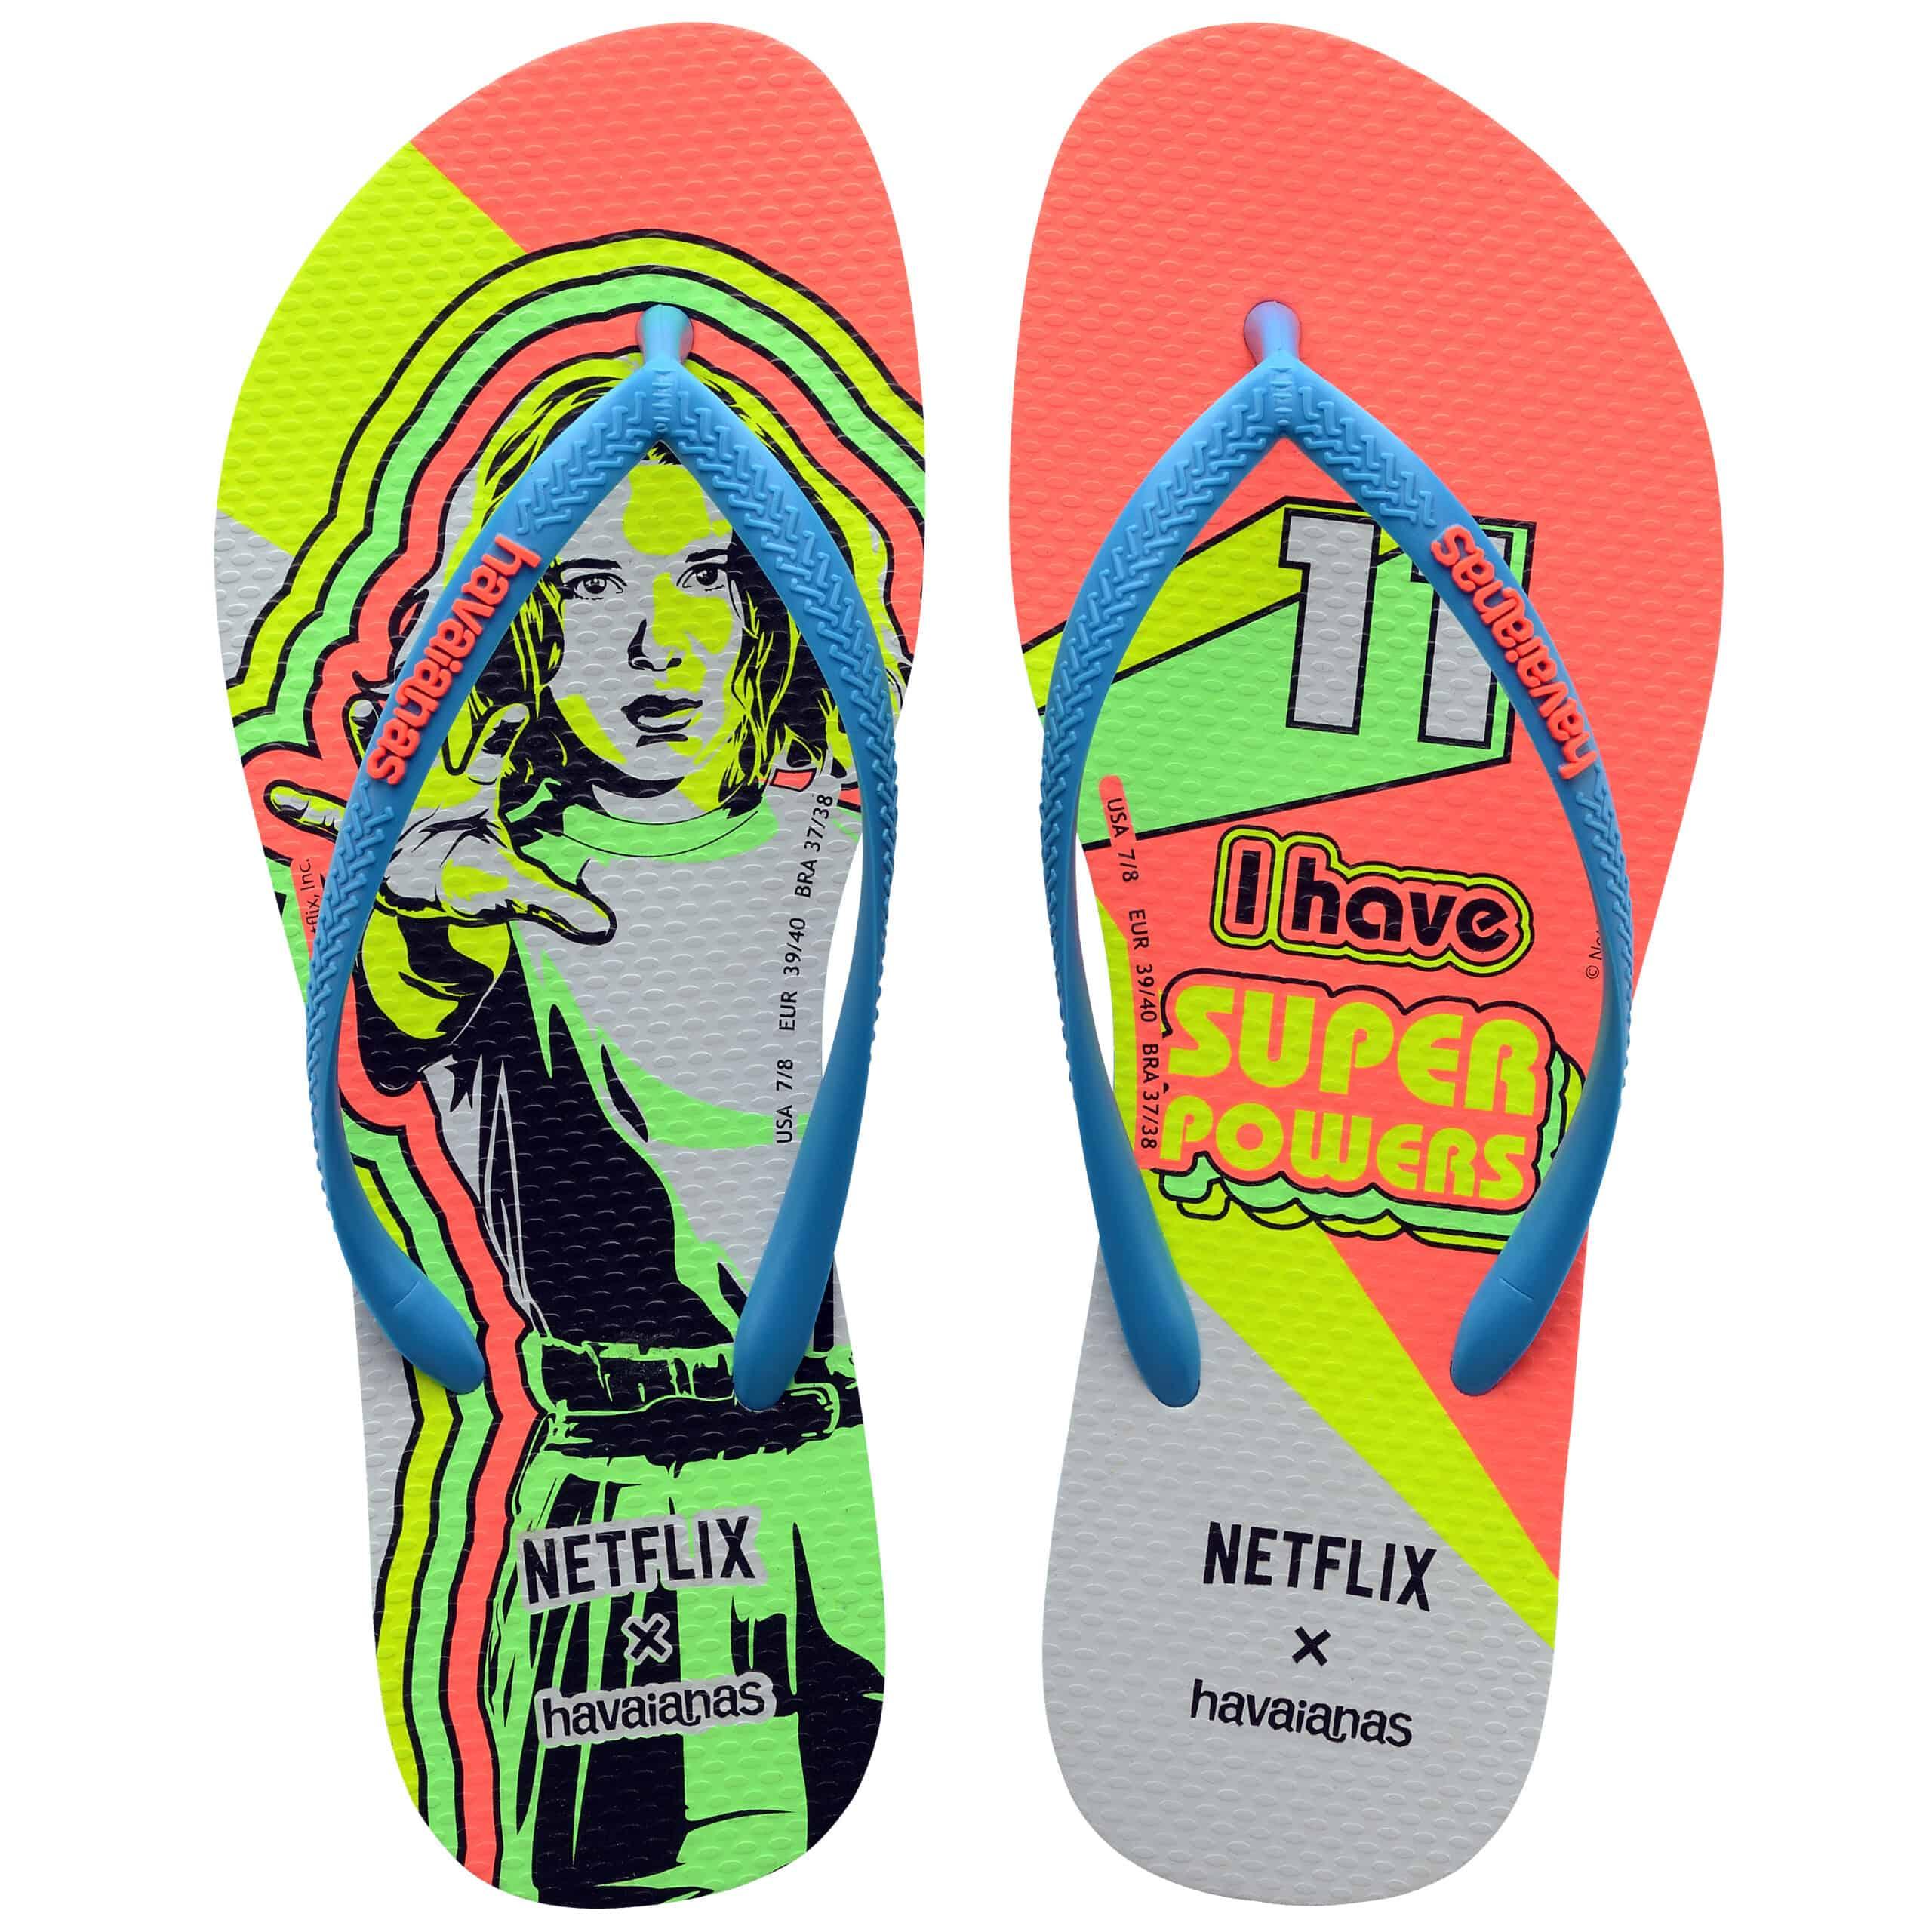 Havaianas x Netflix